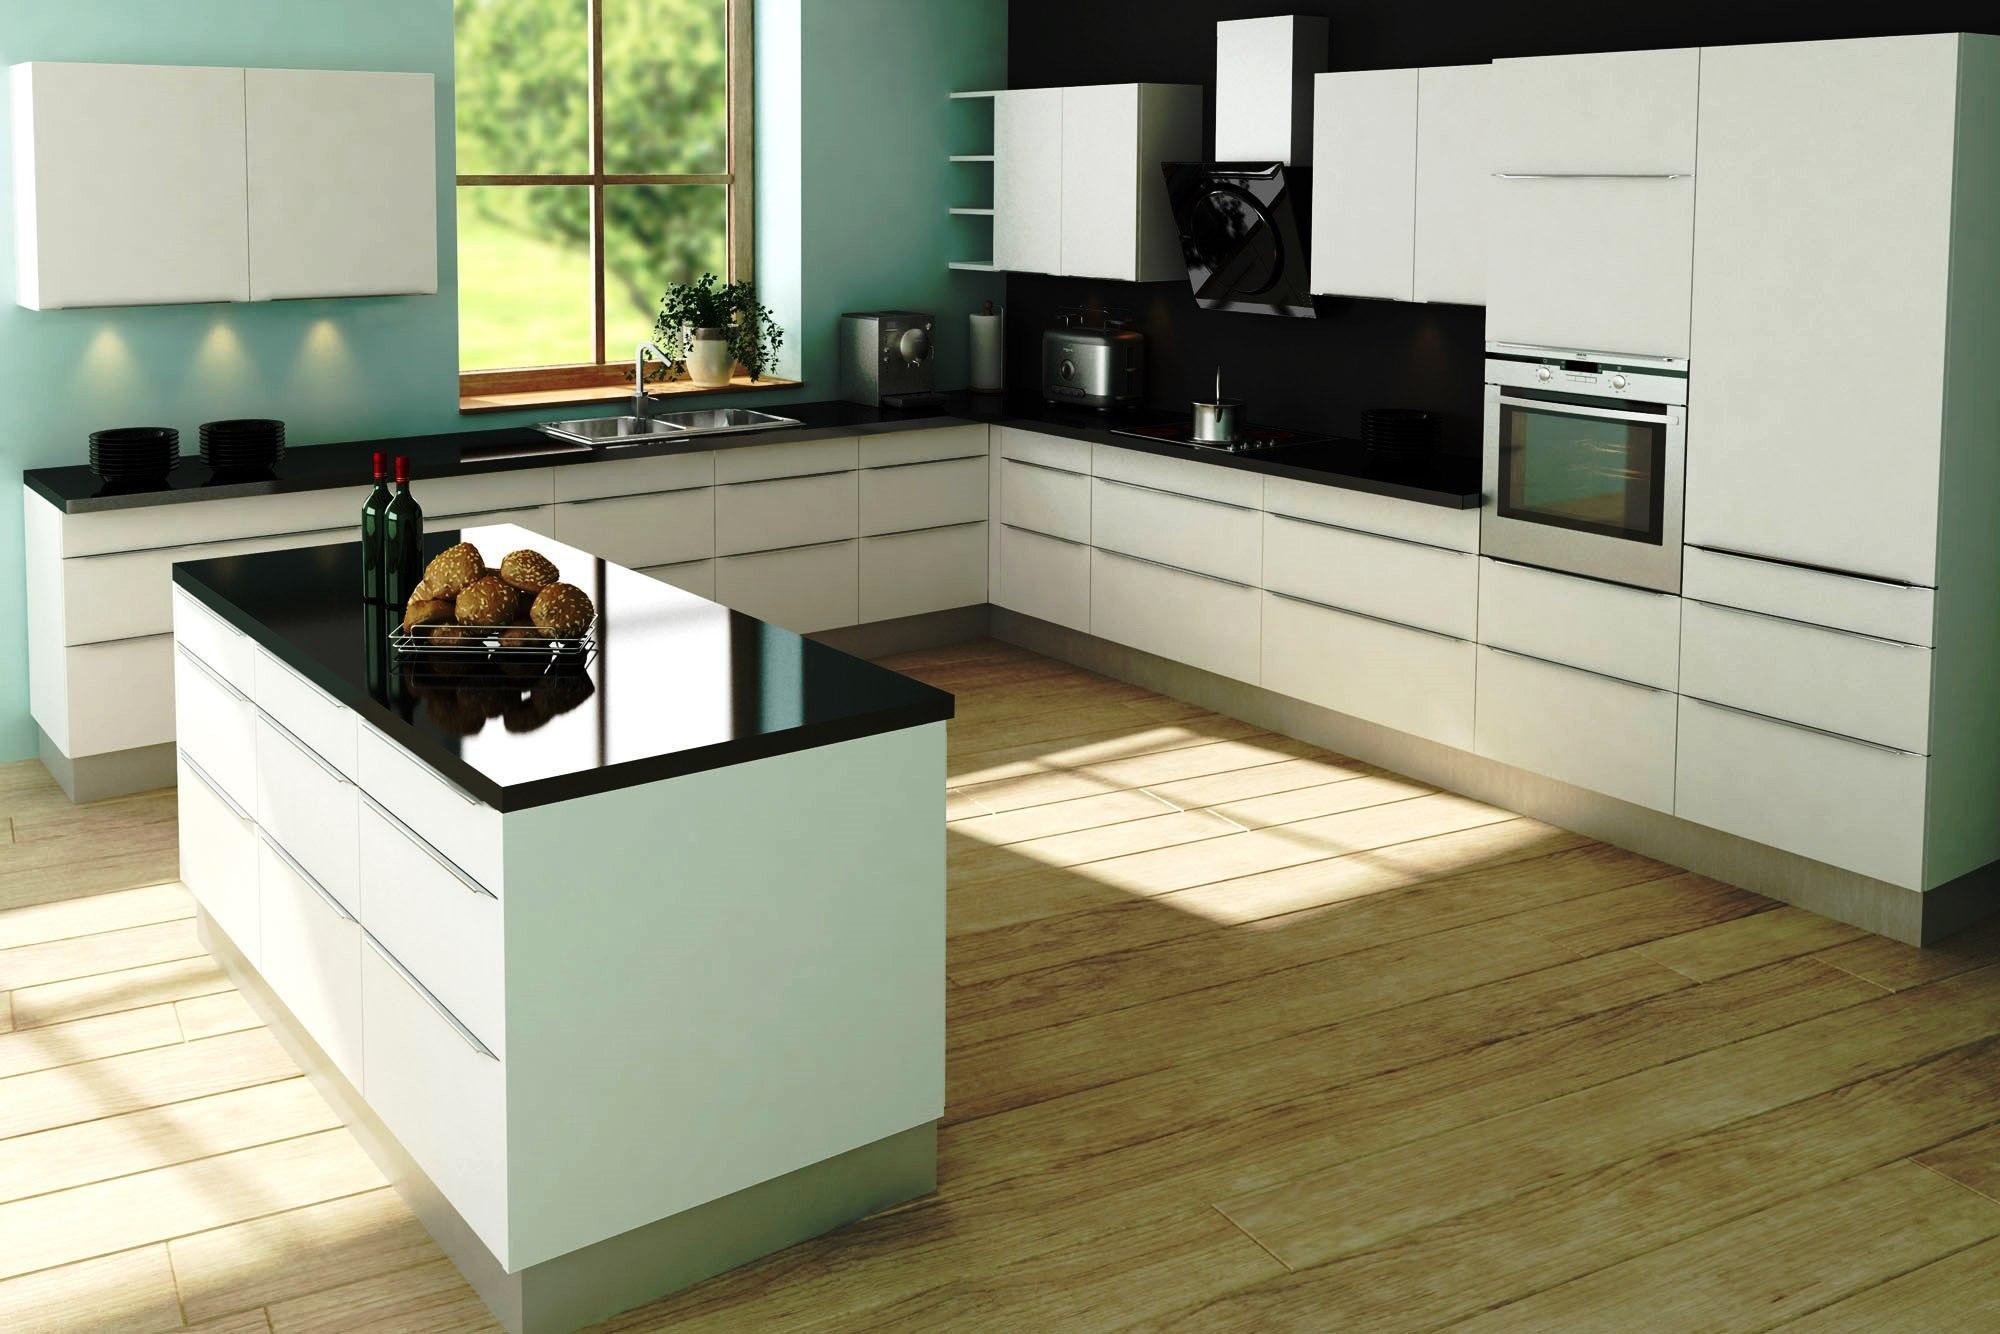 #624C28 As cozinhas podem ser de pequenas médias ou grandes dimensões. Tudo  2000x1334 px Remodelação De Cozinha Local_814 Imagens